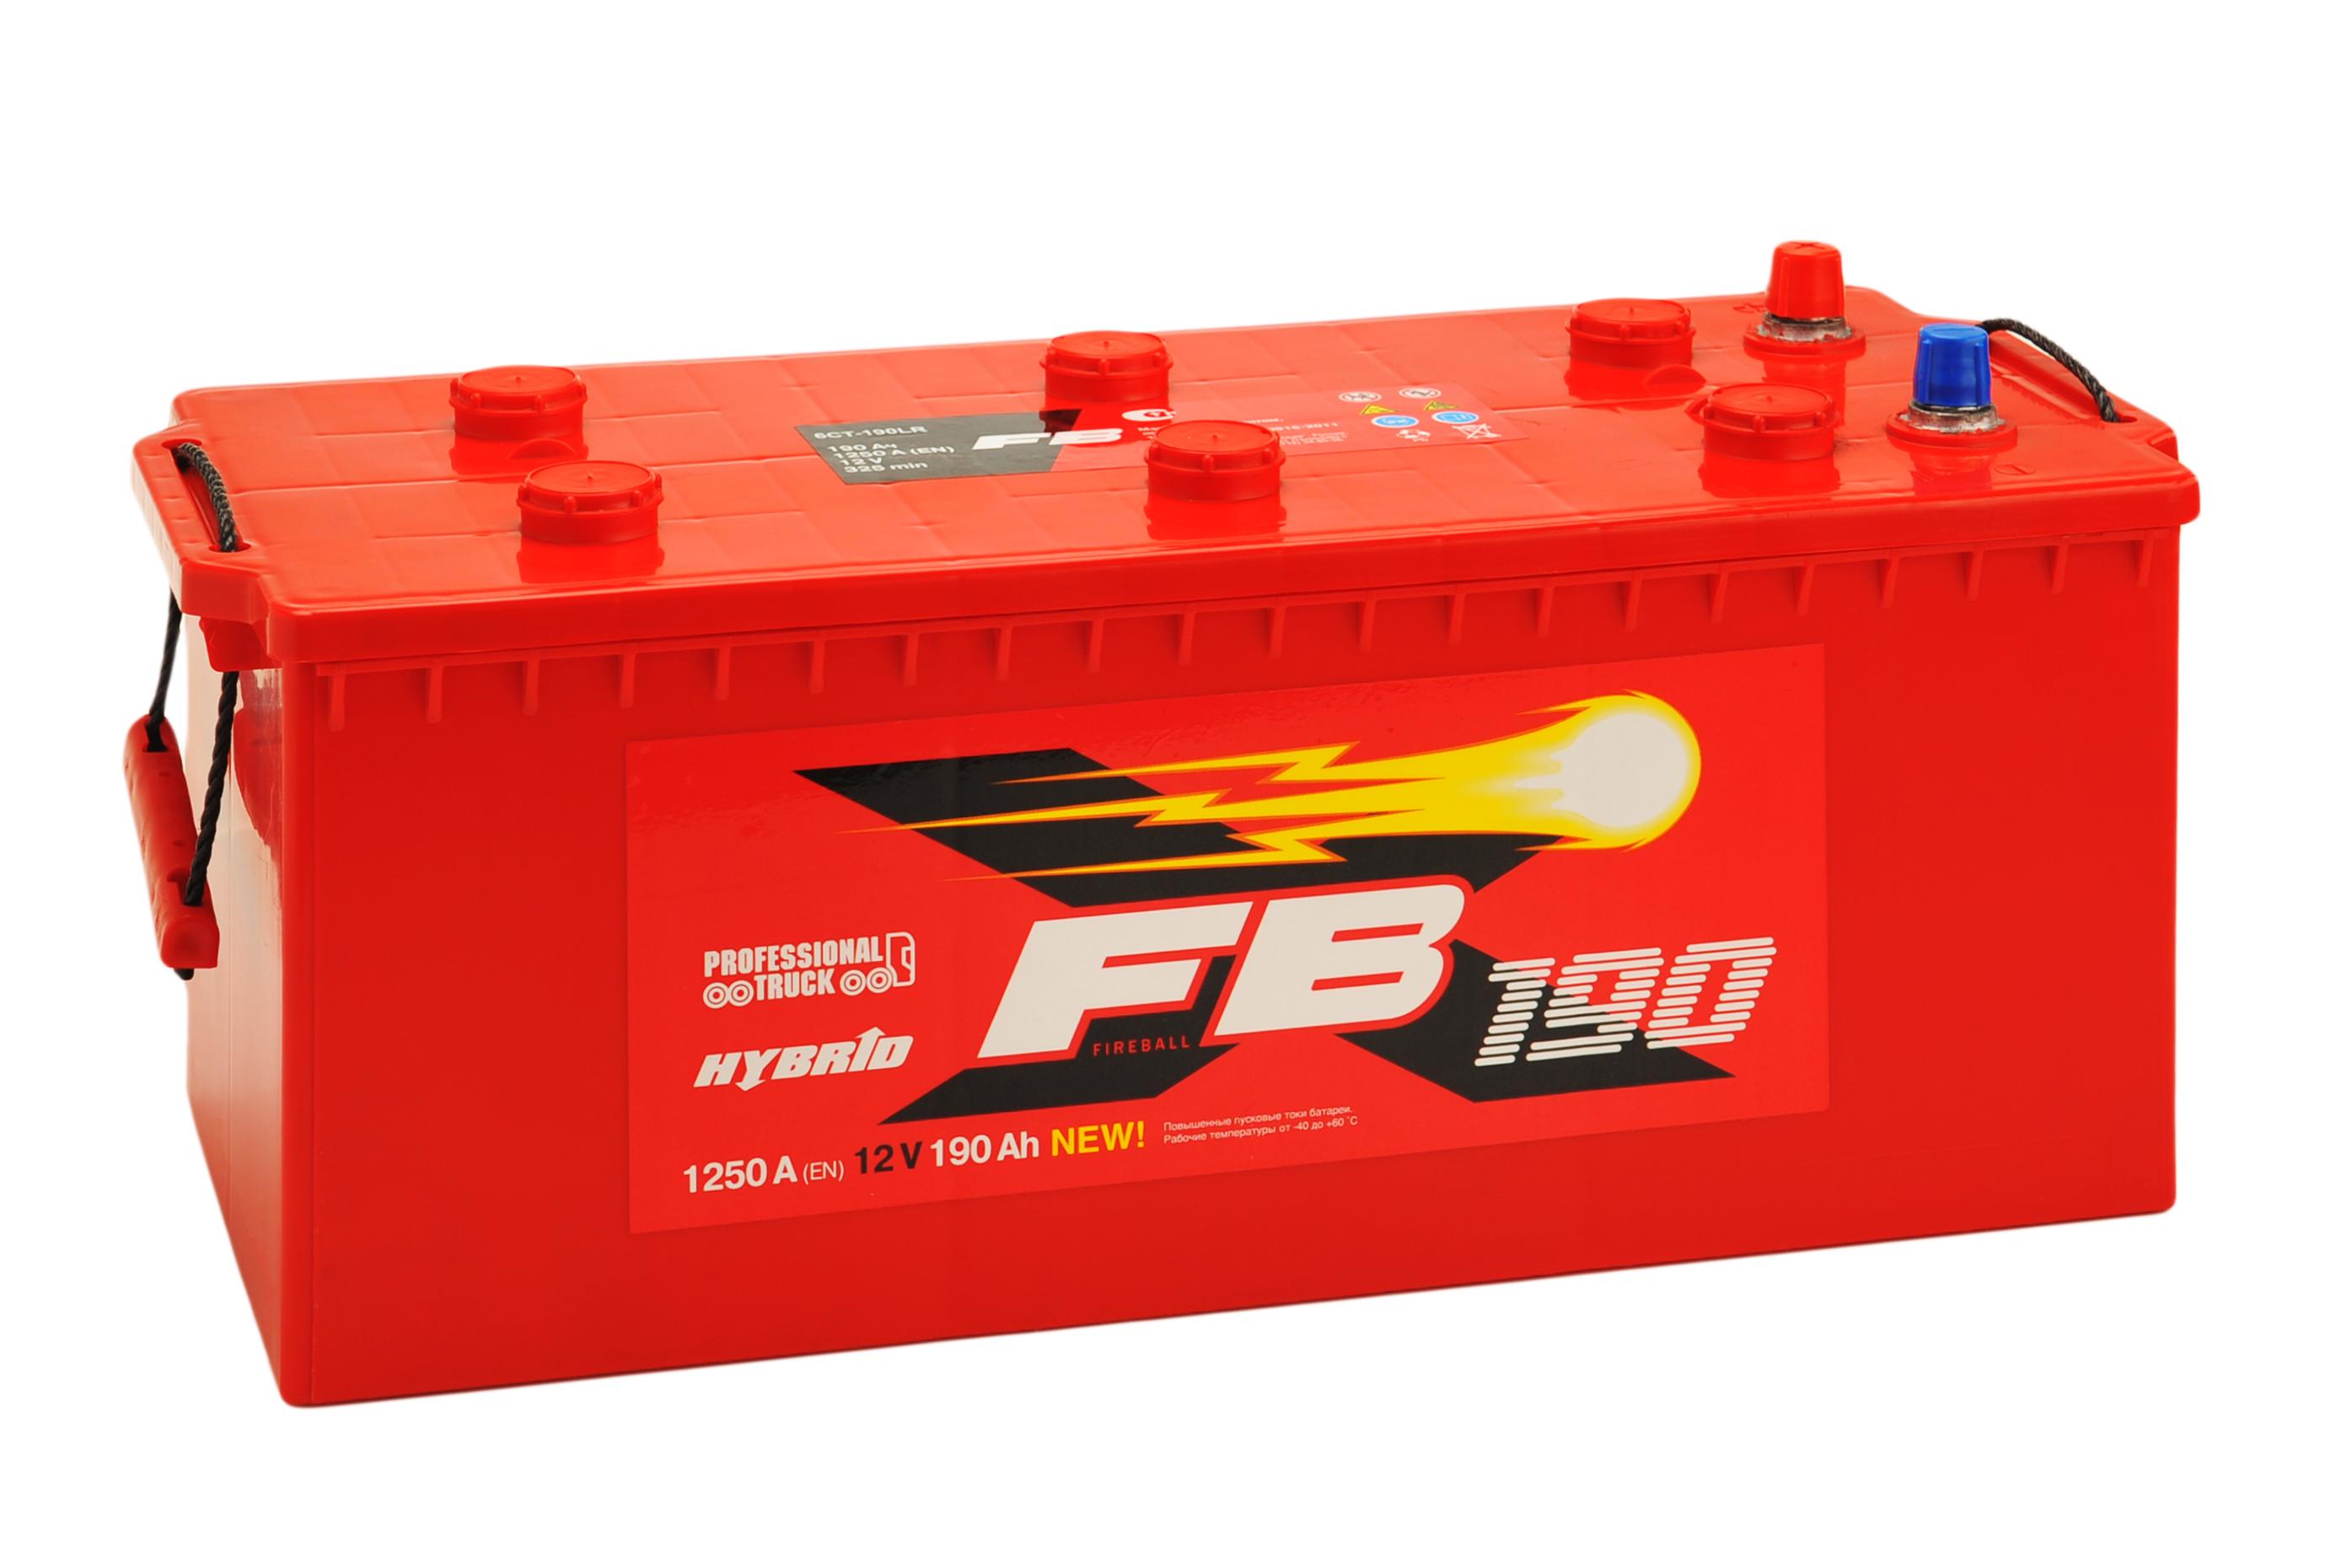 АКБ Fire Ball 190 EN1250